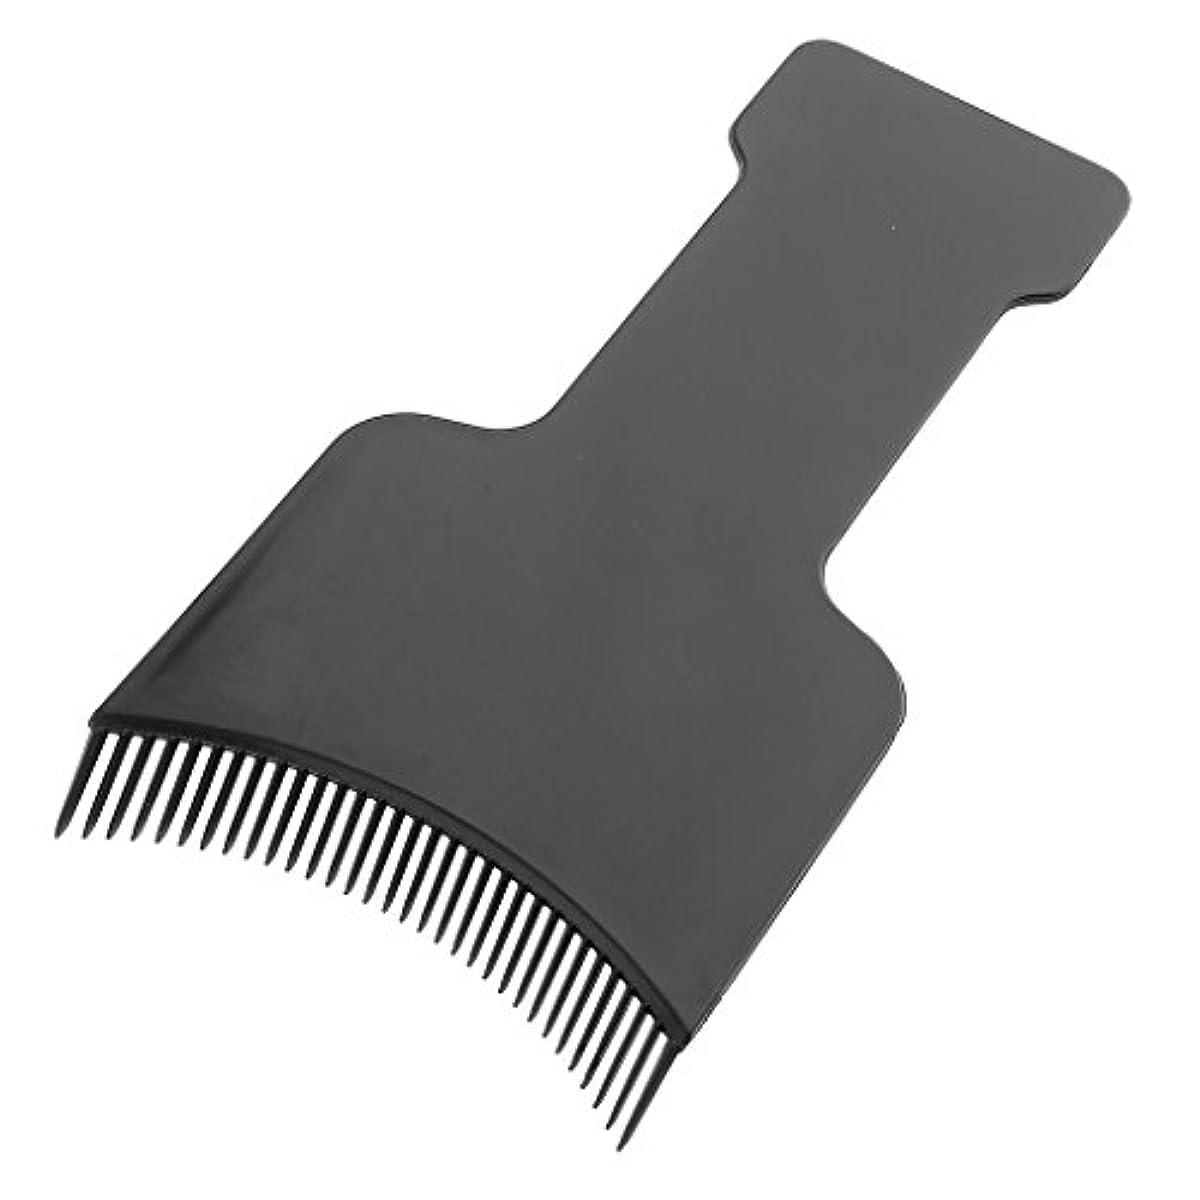 アプローチ発症子豚染色ティントプレート ヘアカラー ボード 美容 ヘア ツール 髪 保護 ブラック 実用 便利 全4サイズ - S